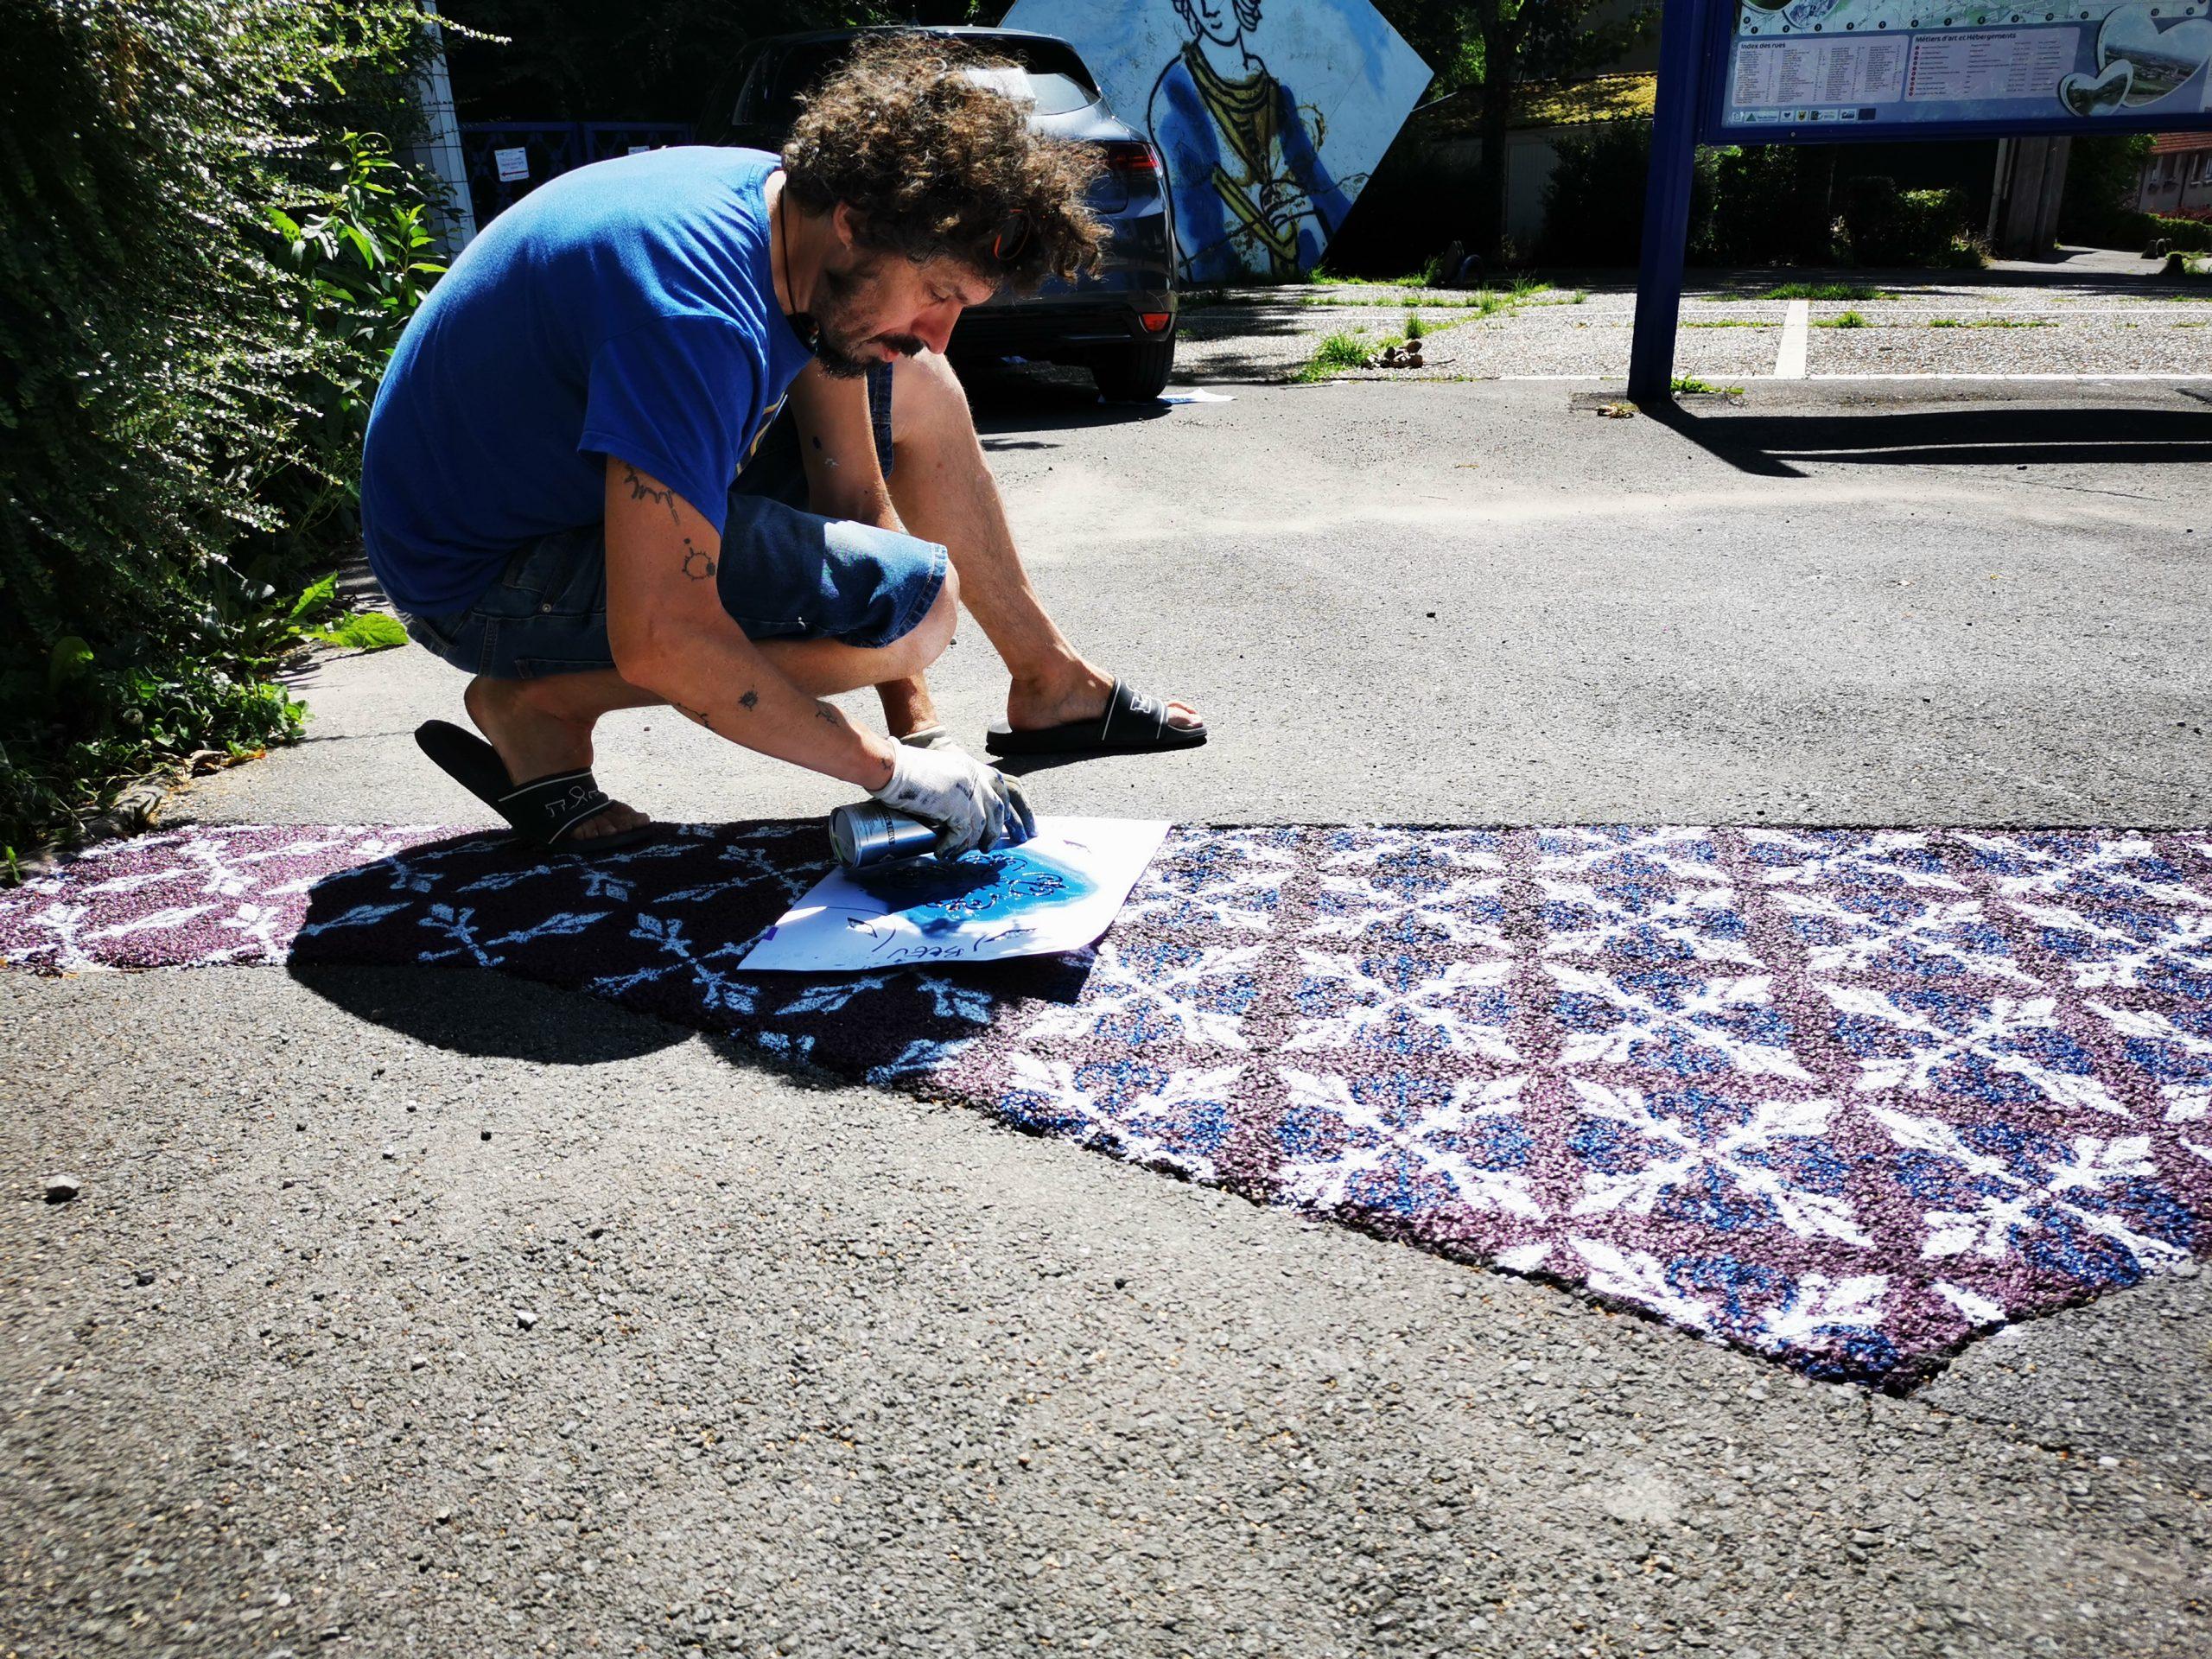 Des motifs de carreaux dans les rues avec le Street artist inkOj